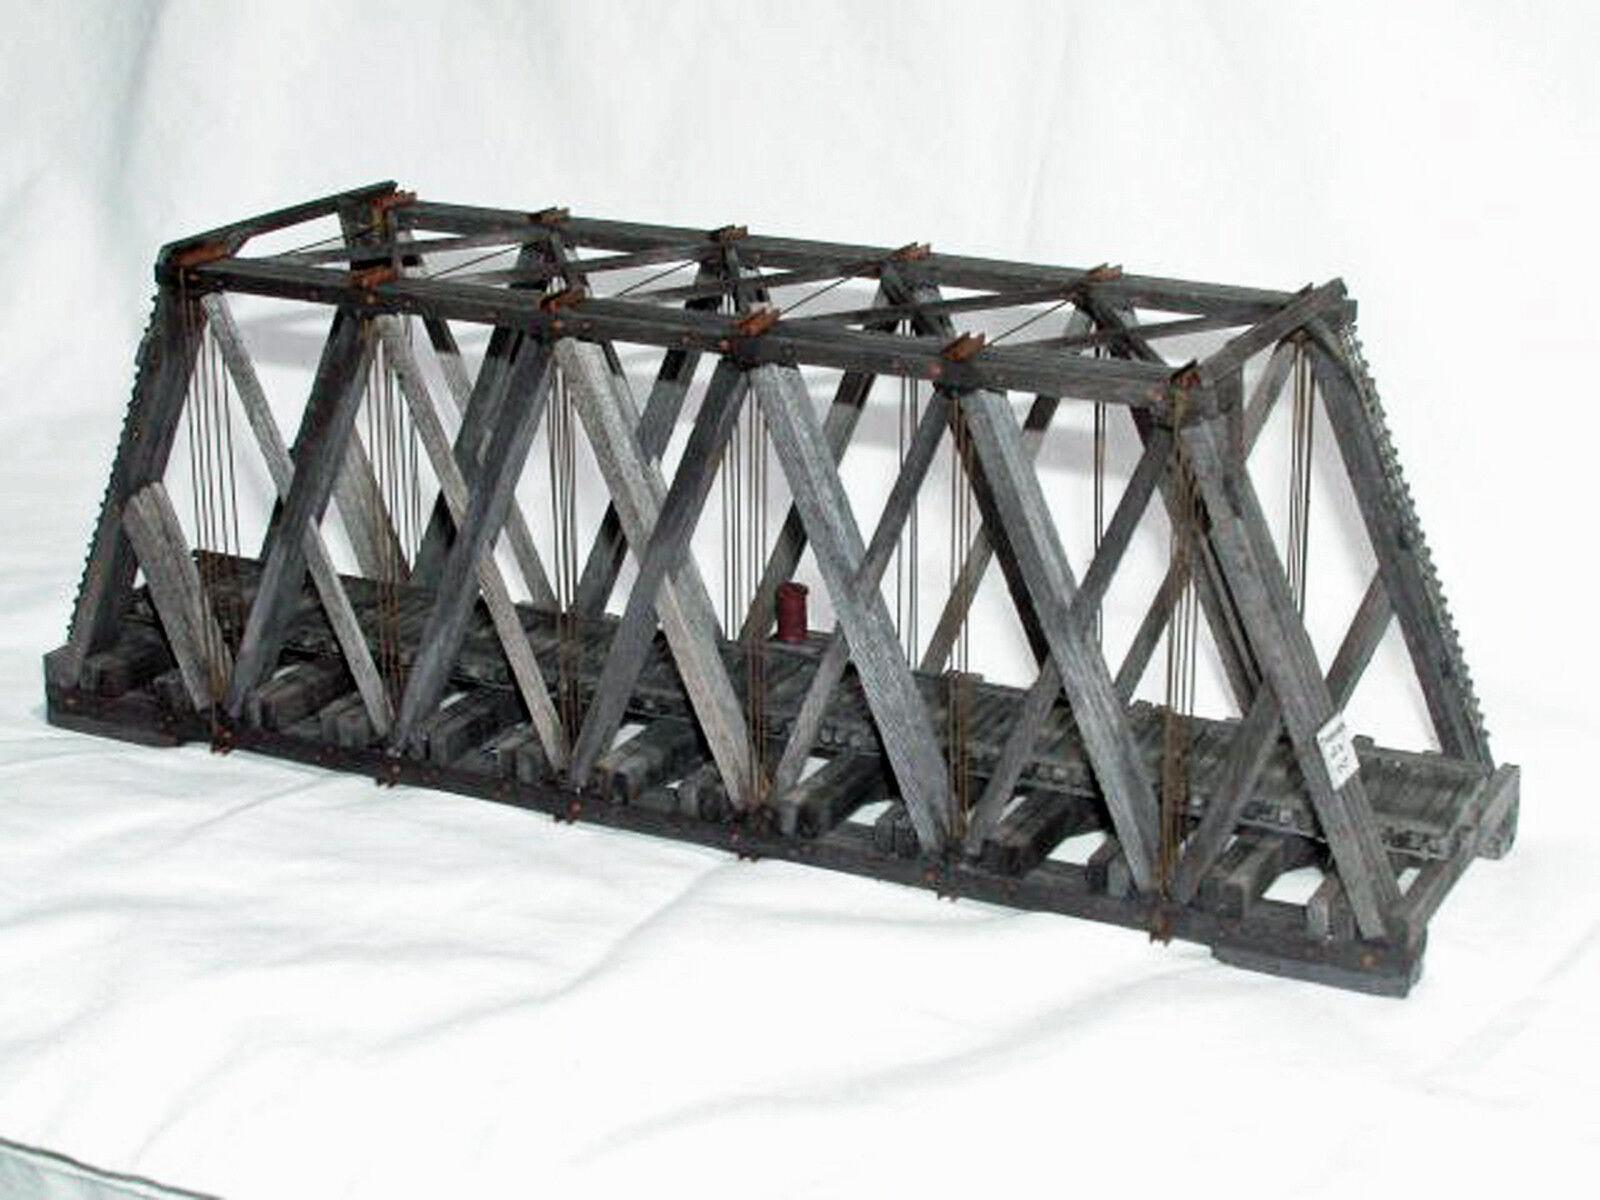 86 'howe machen schnipp, durch die brcke ho modelleisenbahn struktur unlackiert kit hl103h